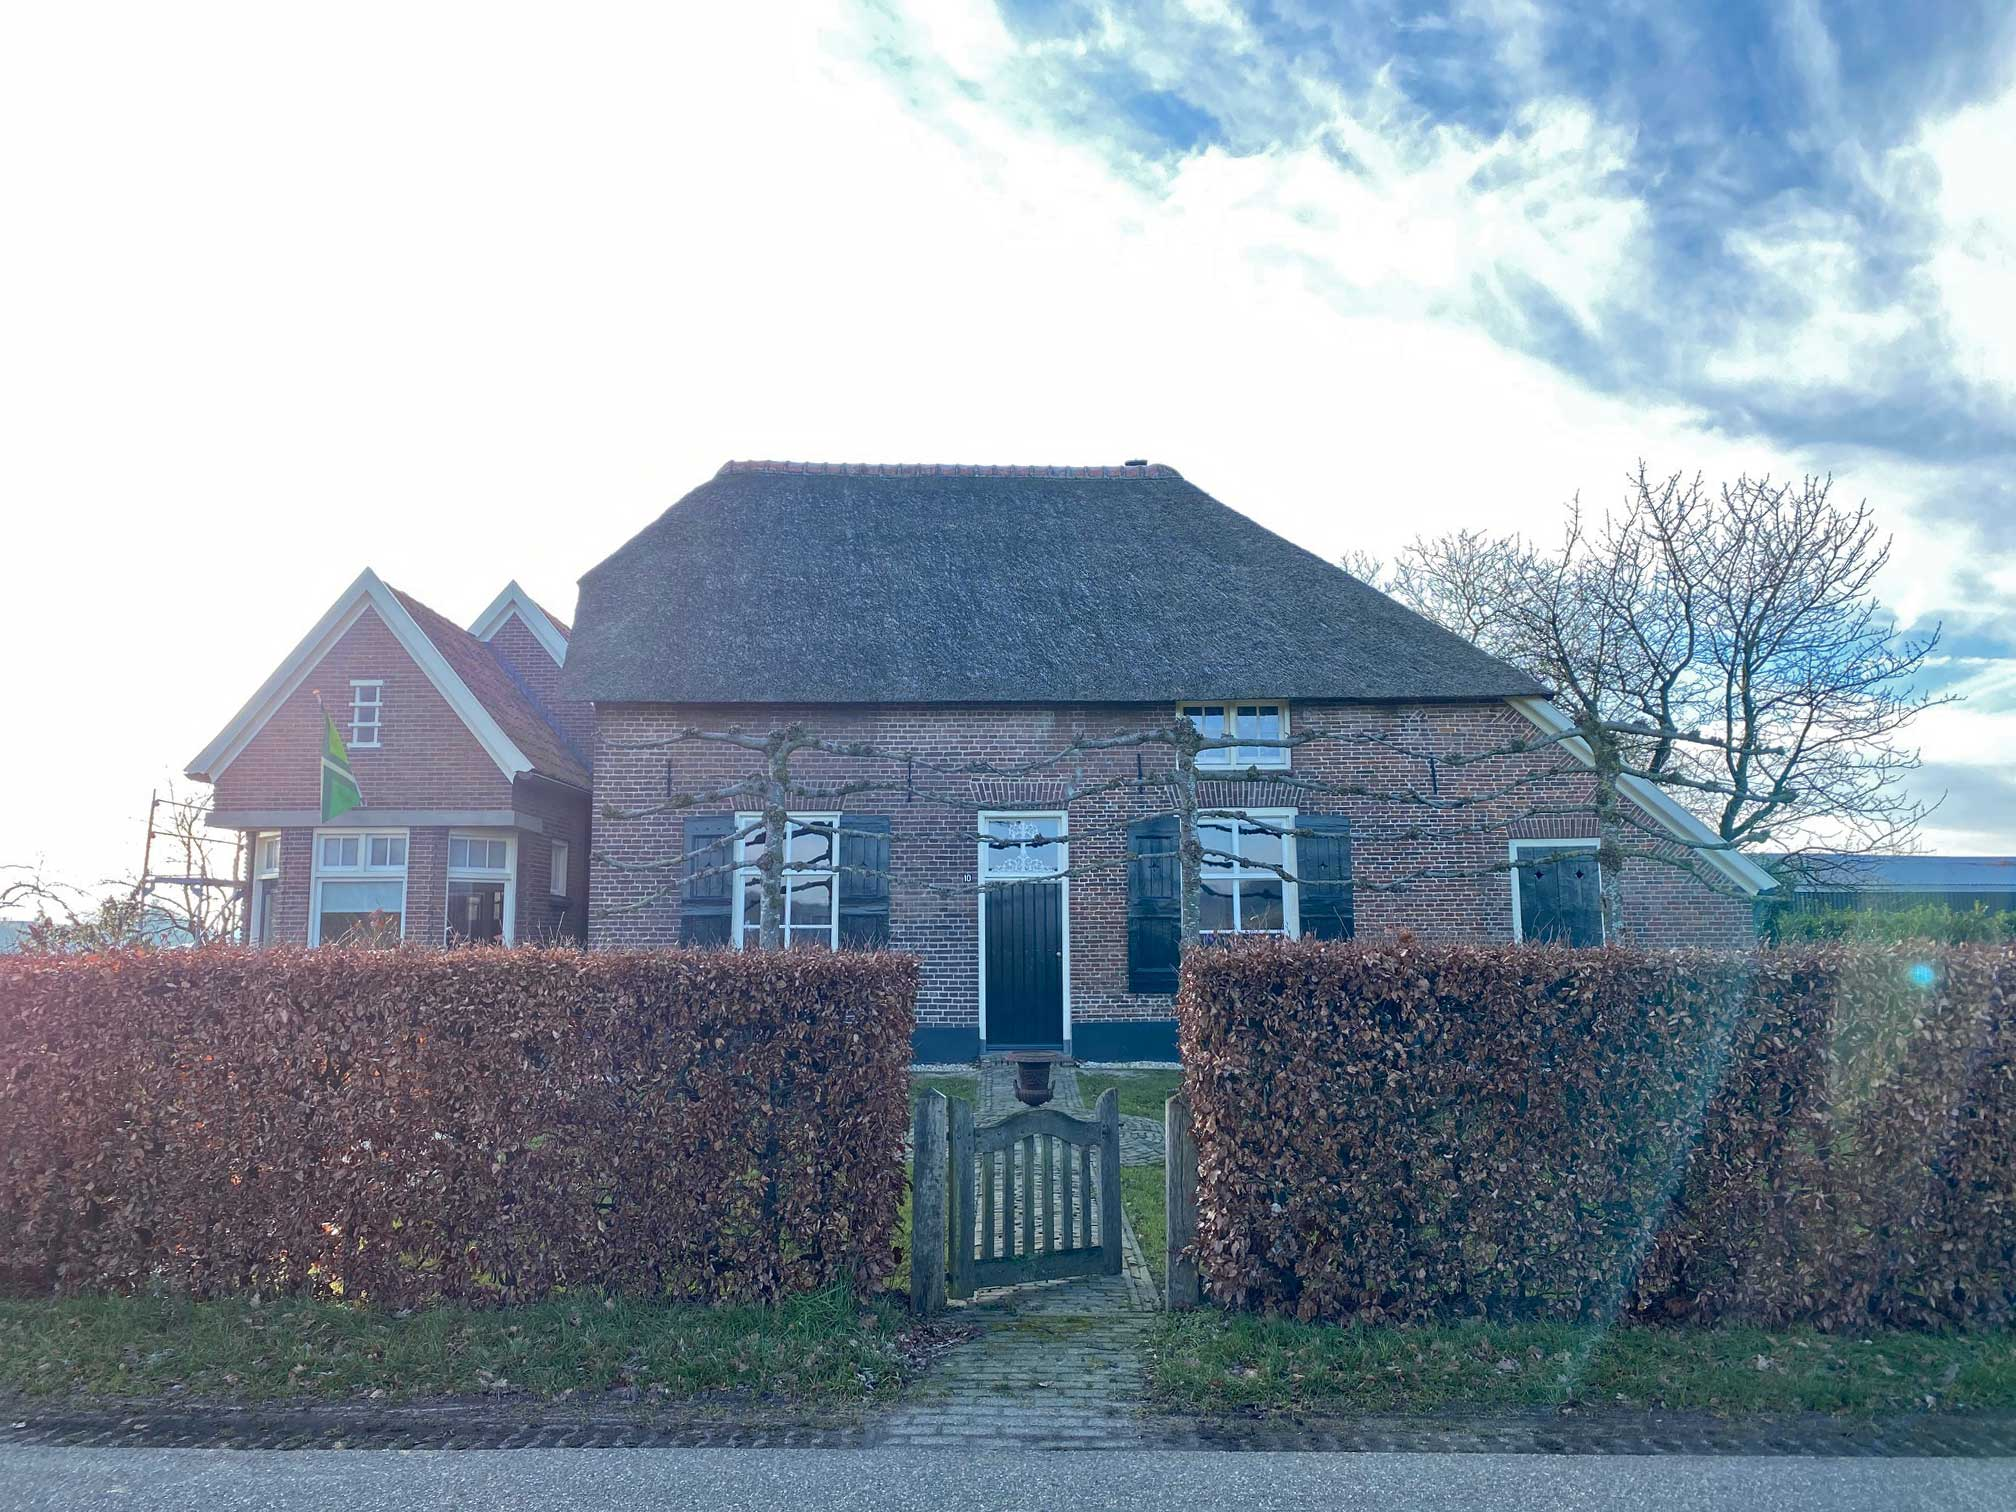 Wichmond Lankhorsterstraat 10 Boerderij voormalig slagerij